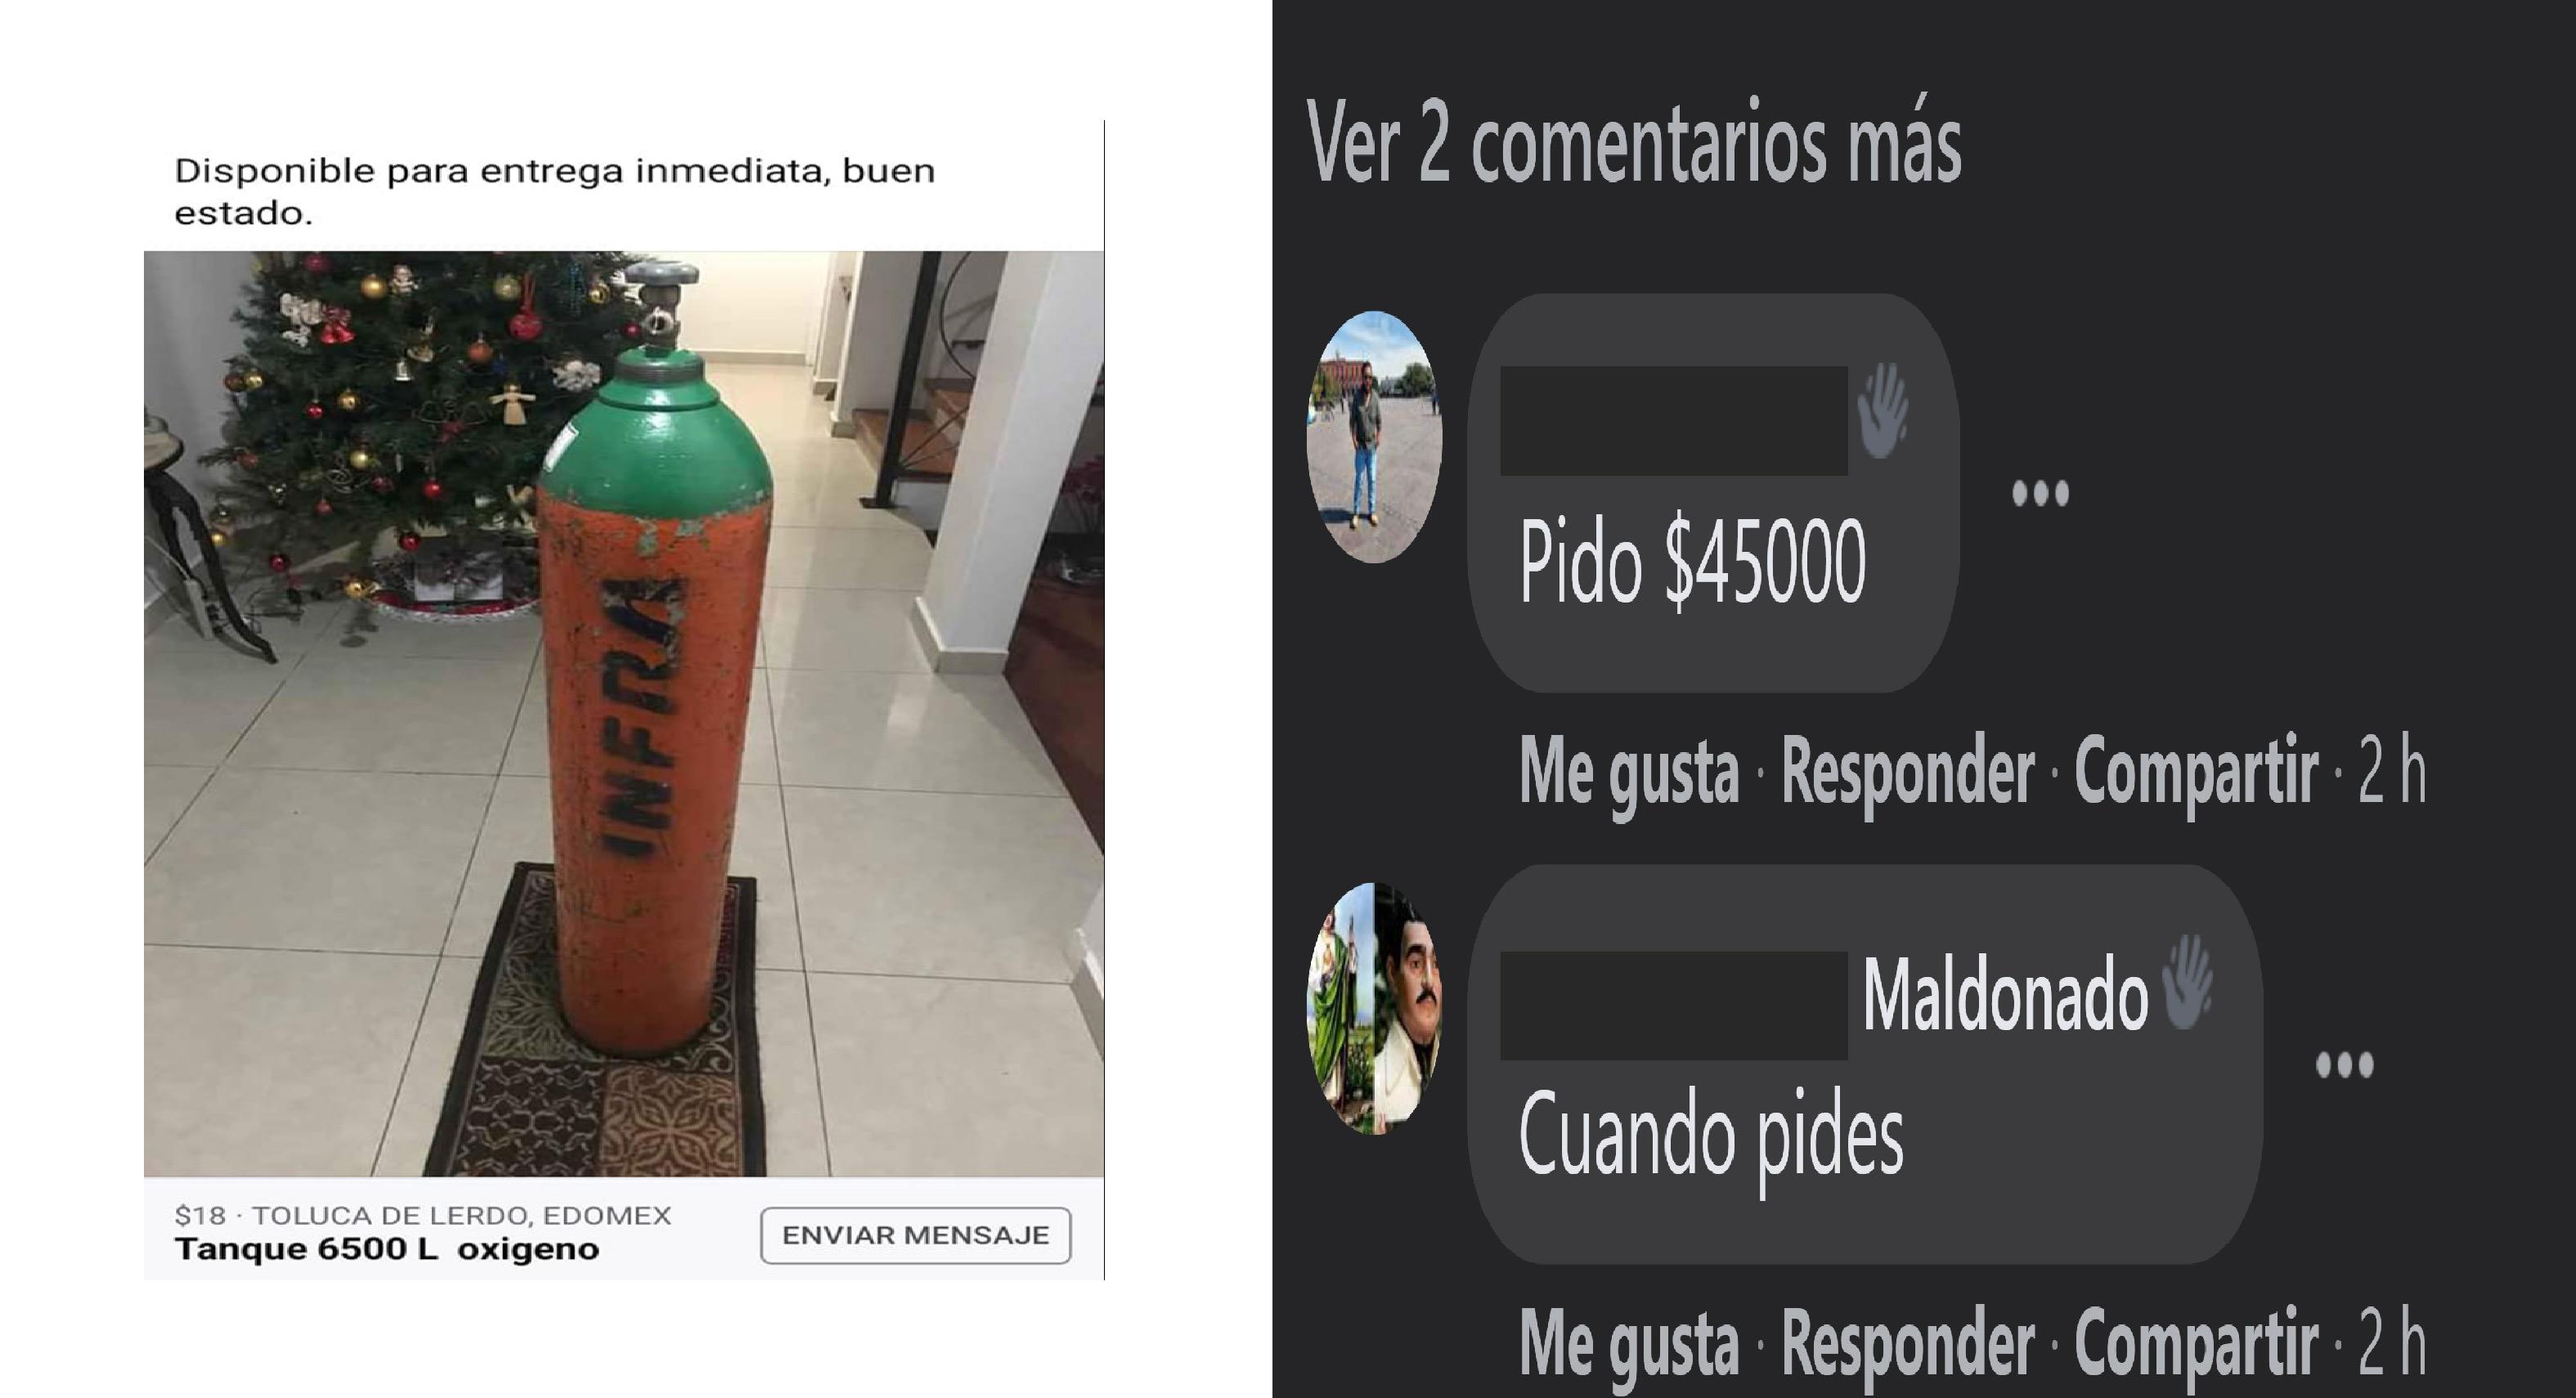 Tanques de oxígeno, abusos y estafas en grupos de Facebook en Toluca